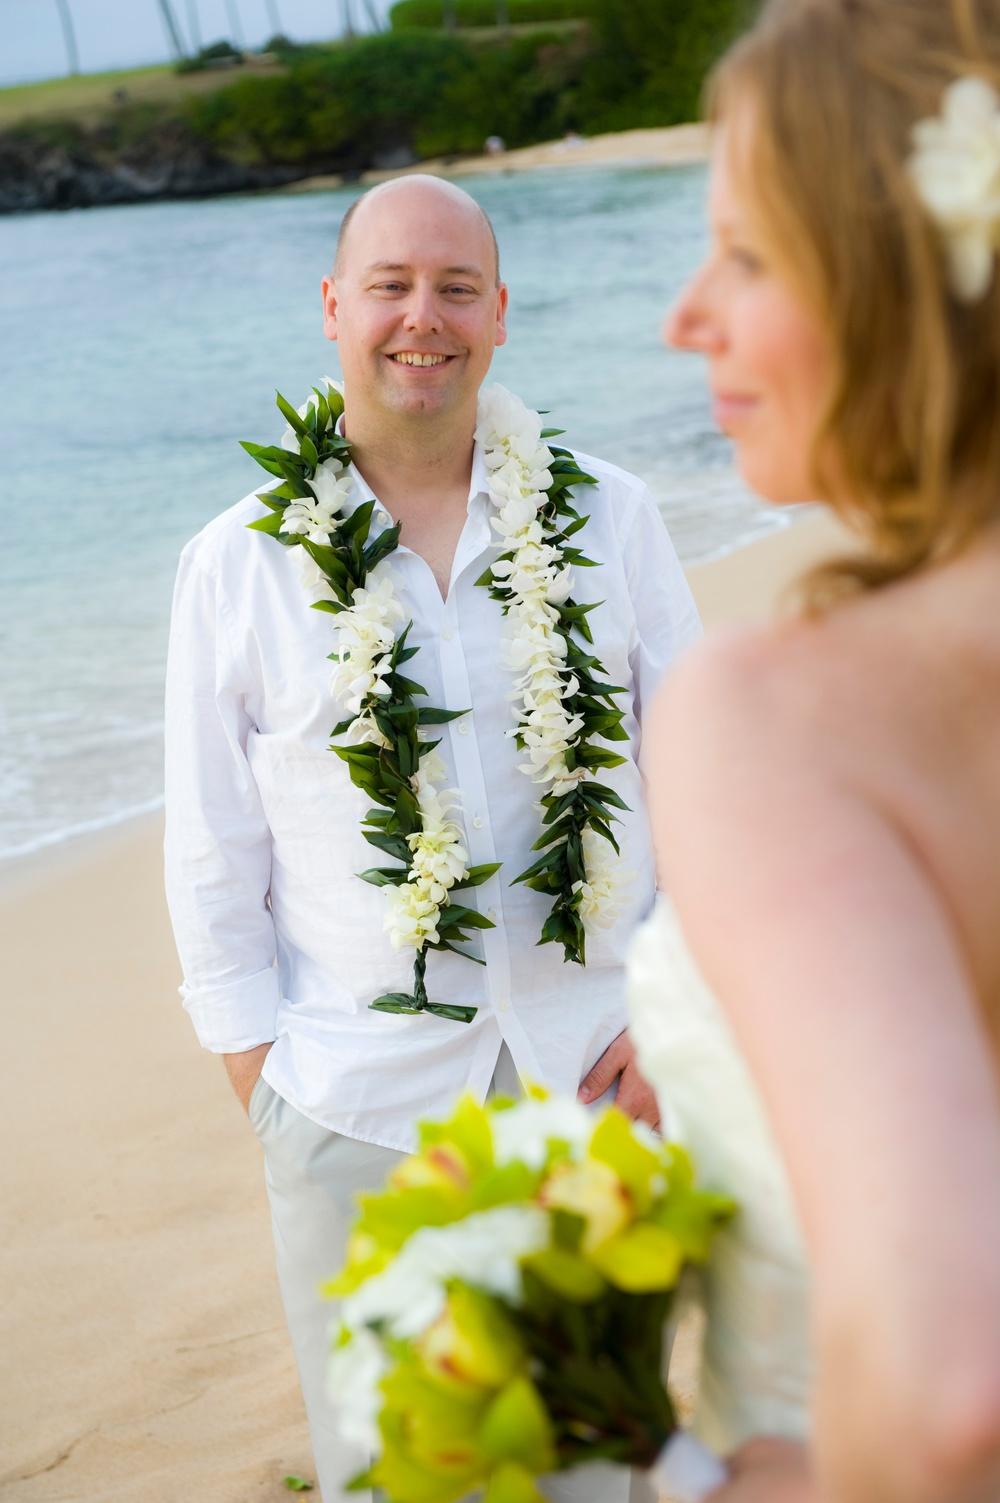 Wedding++31715-1852470259-O.jpg